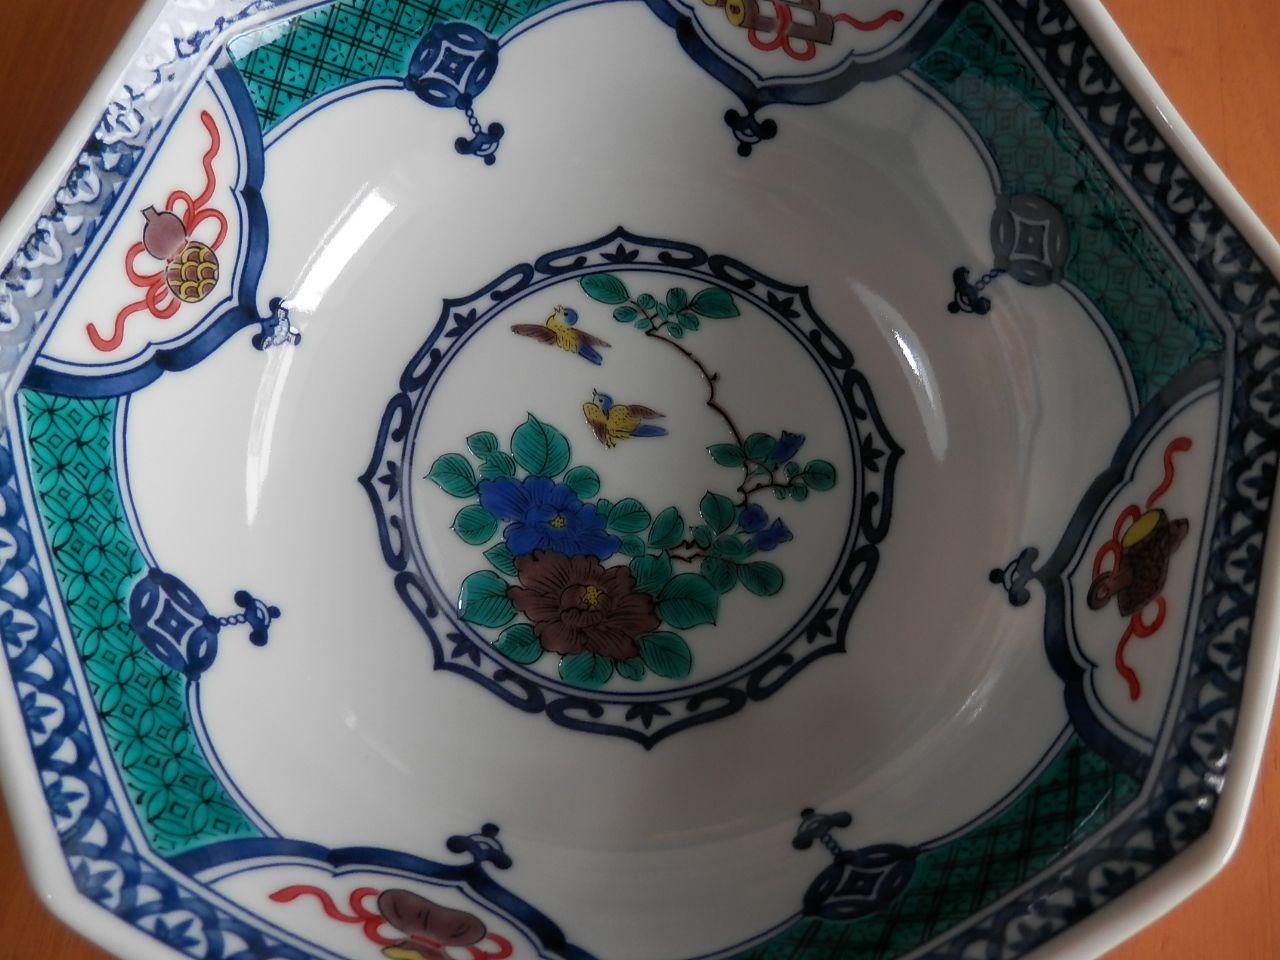 お土産にも自分用にも、金沢伝統九谷焼